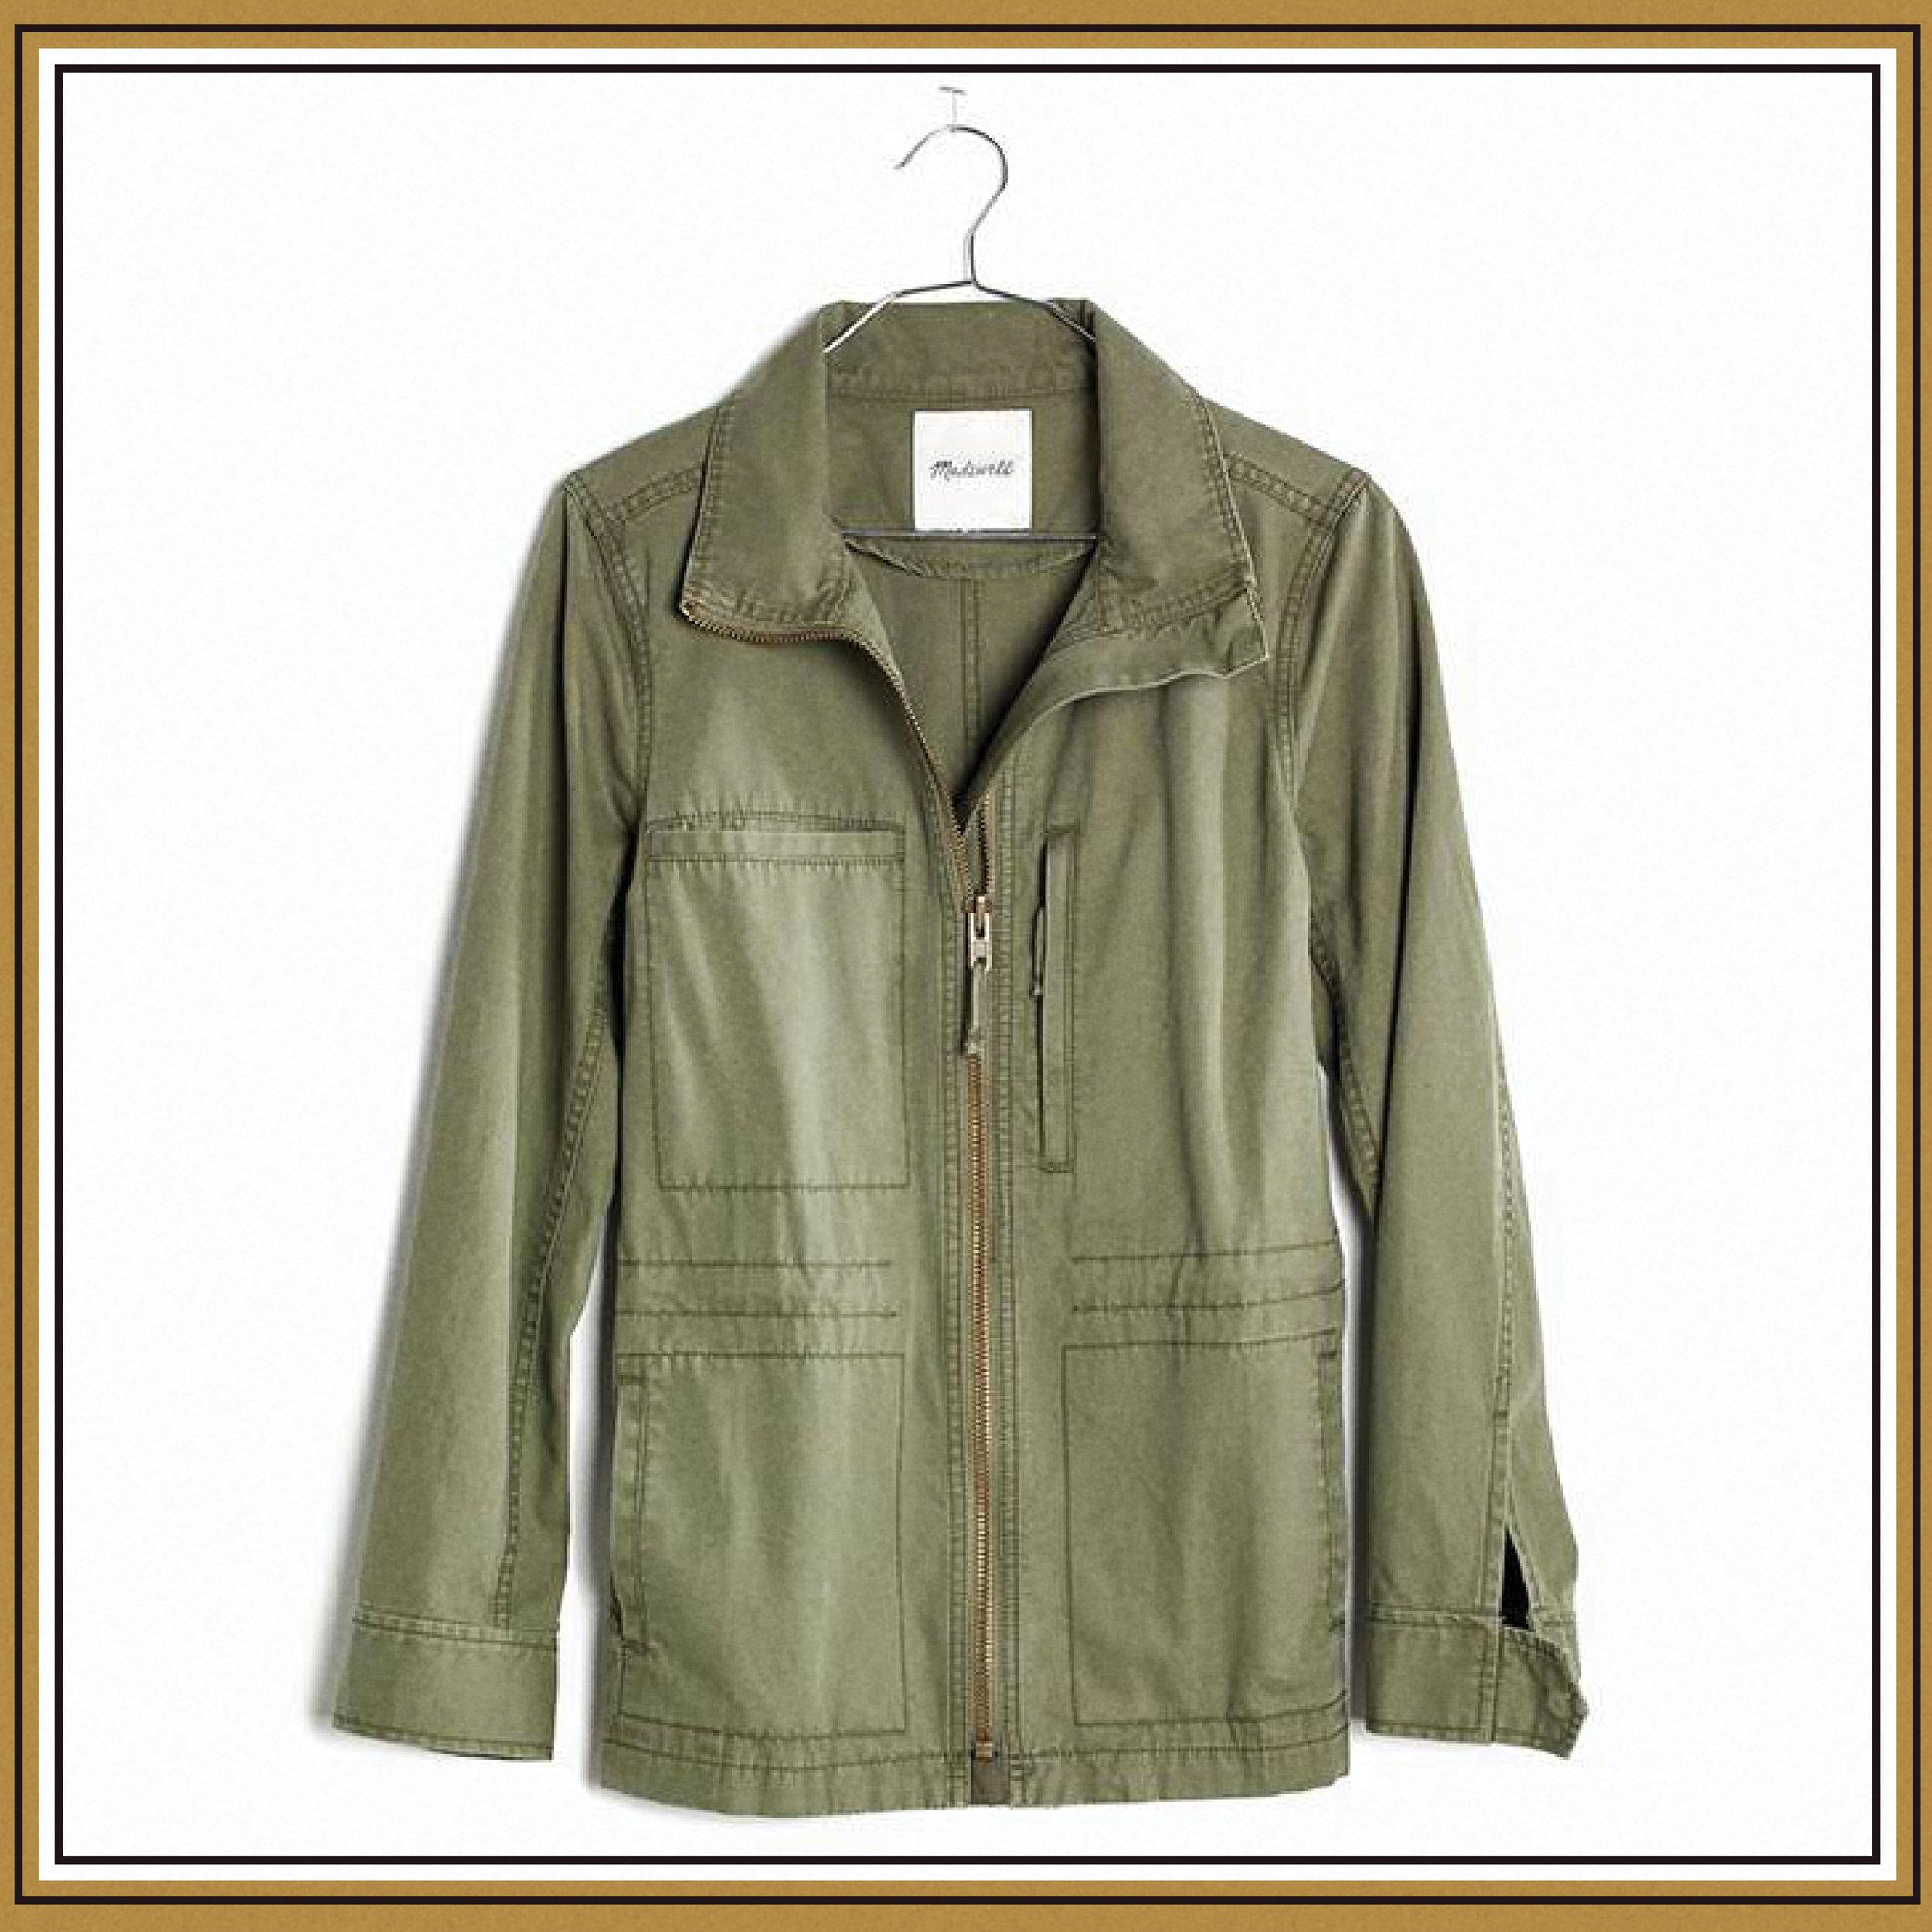 Madewell Fleet Jacket, $118